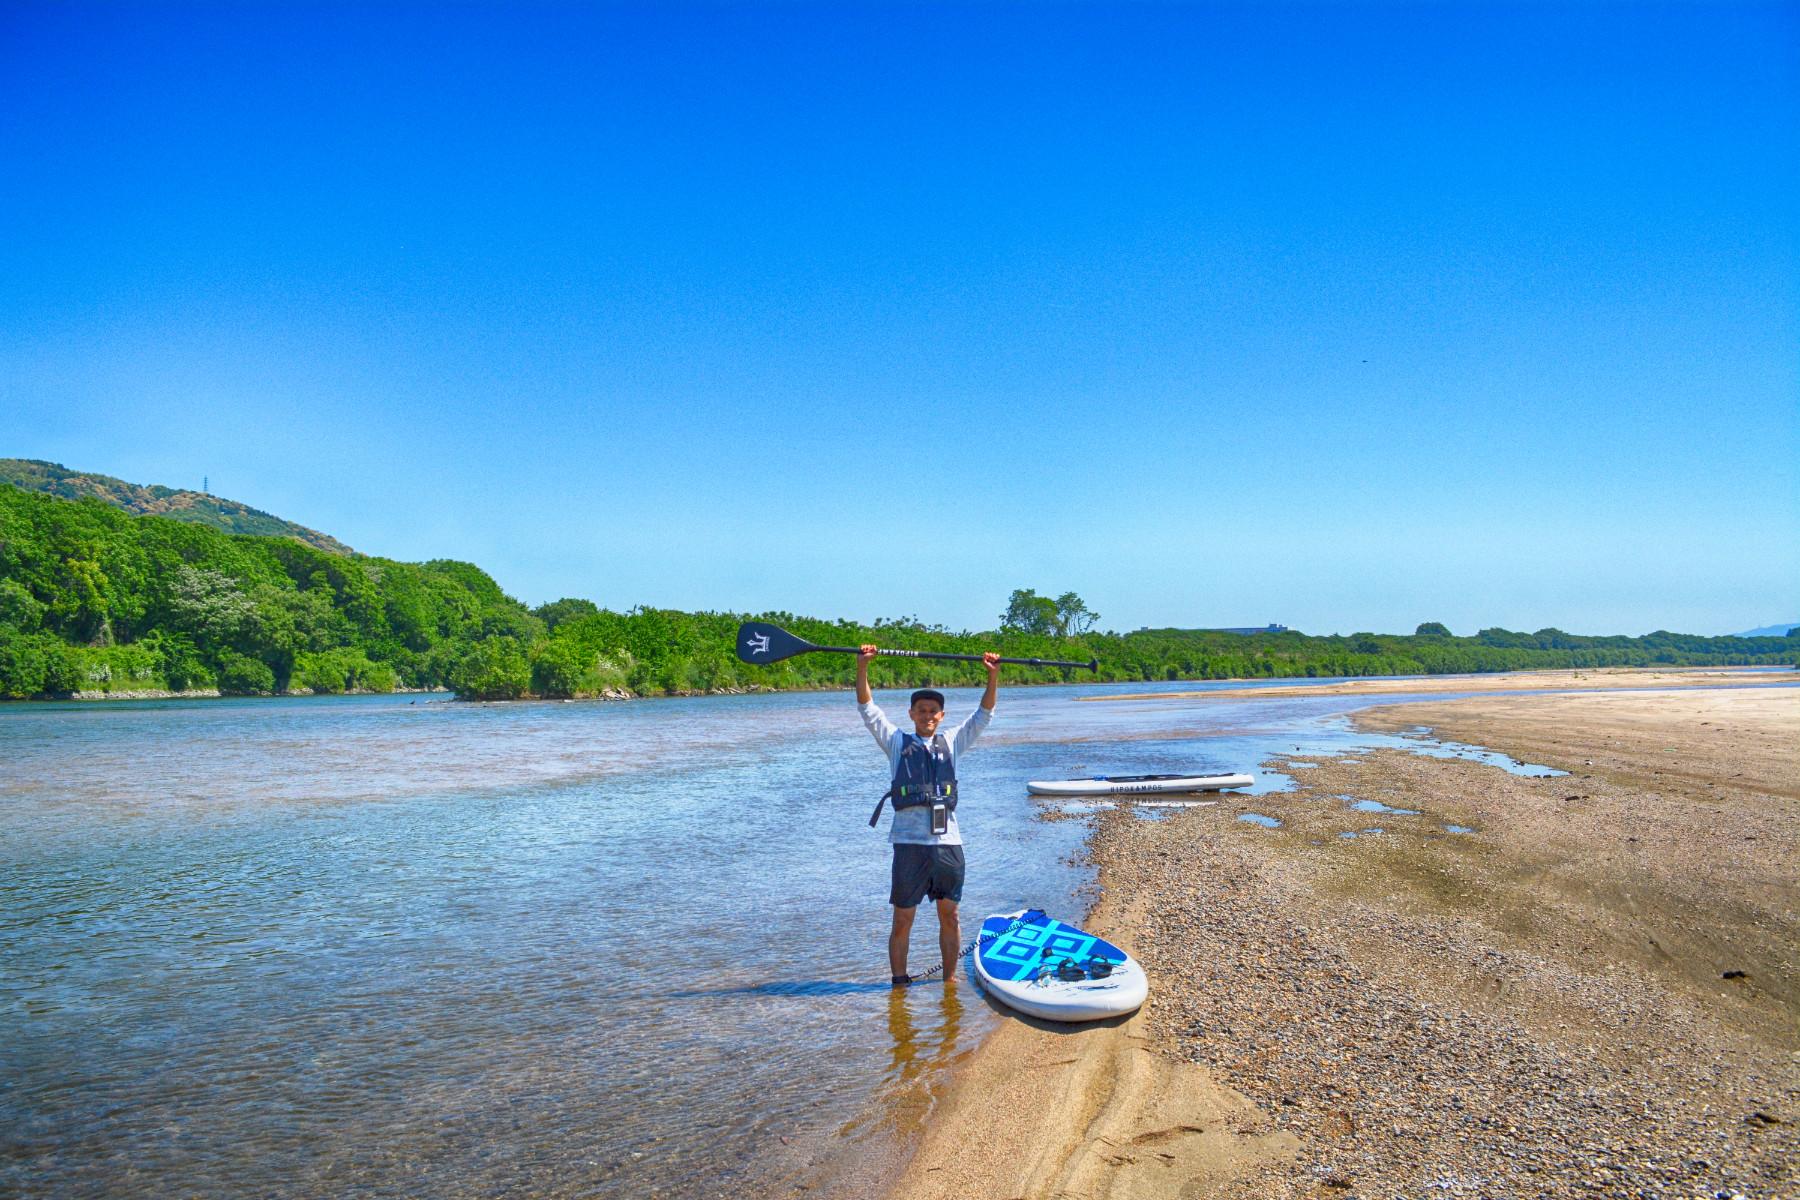 どこまでも続く青空と遠浅のビーチ宇治川と木津川の合流部は遠浅でビーチが点在する(ダウンリバーの時に通行可能。背割堤さくらSUPのプランでは通りません)